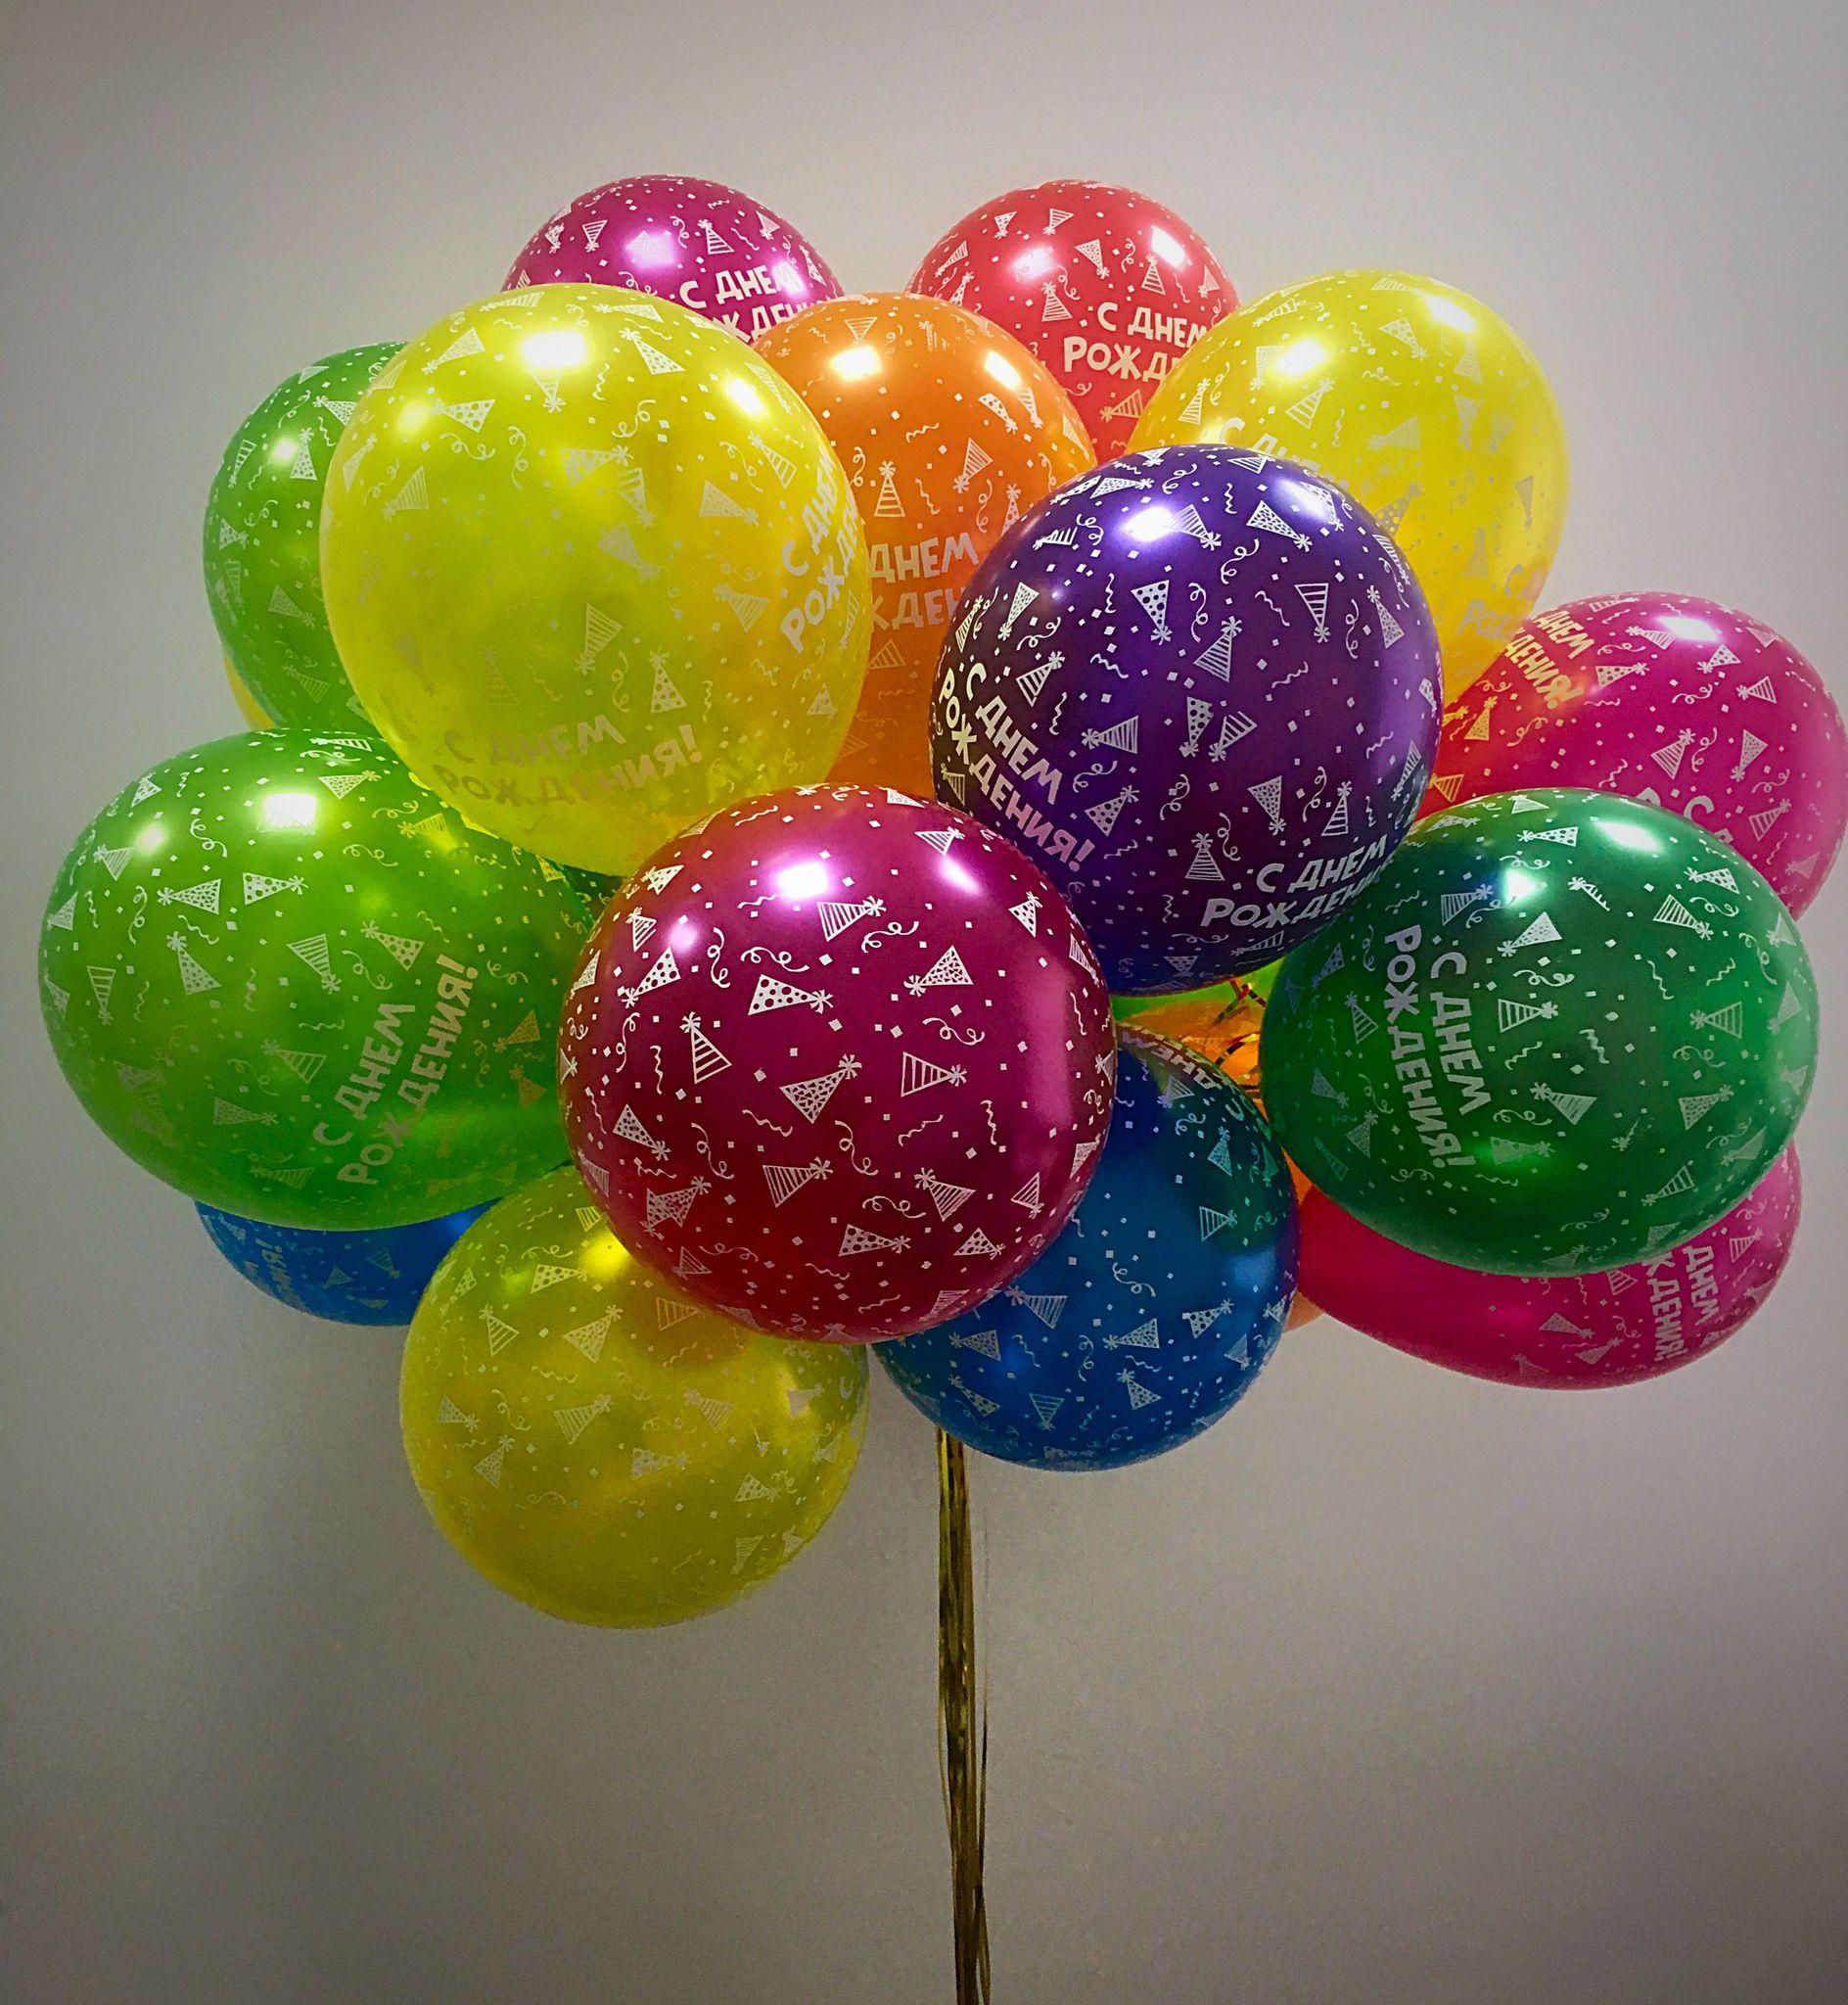 фото воздушных шаров цветных с днем рождения краска